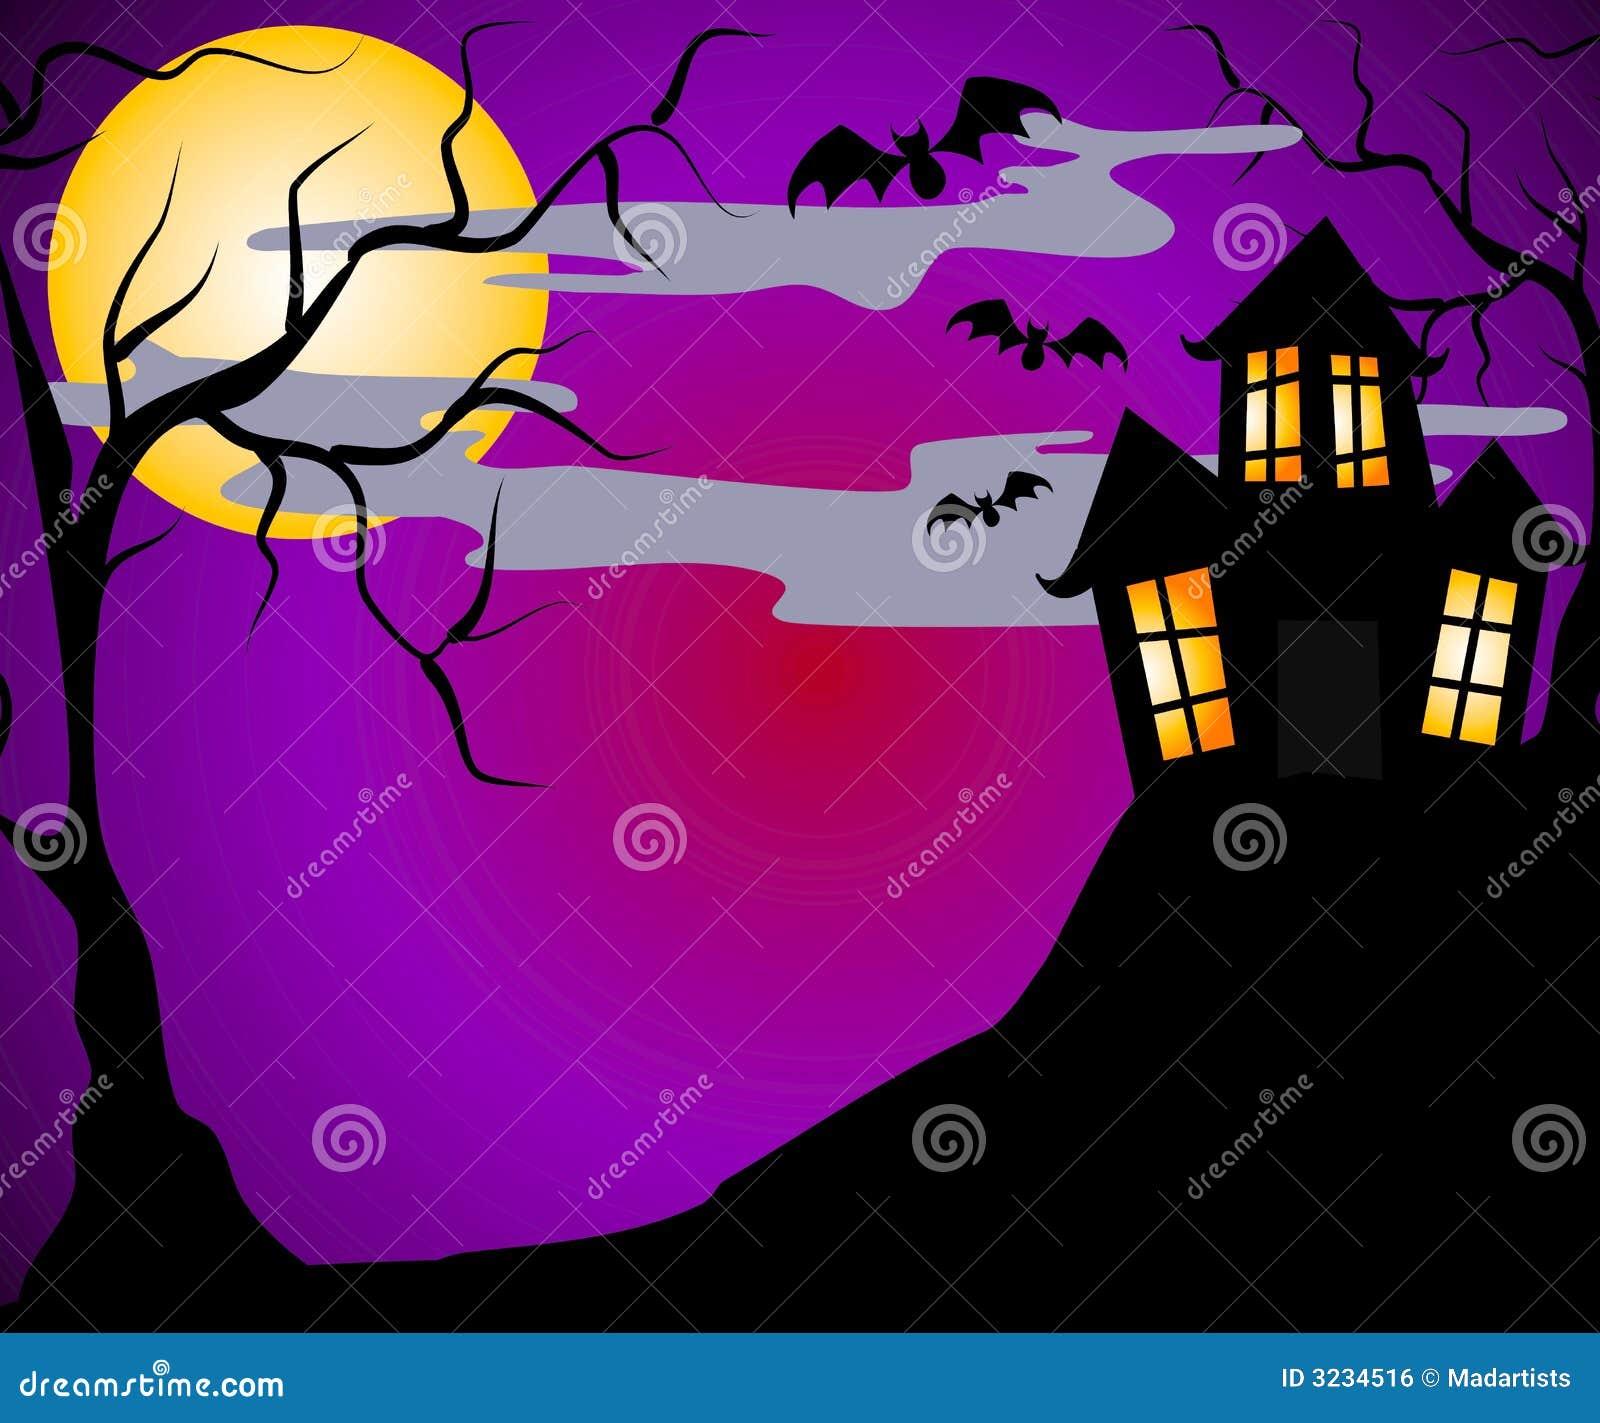 halloween scene clipart - photo #9